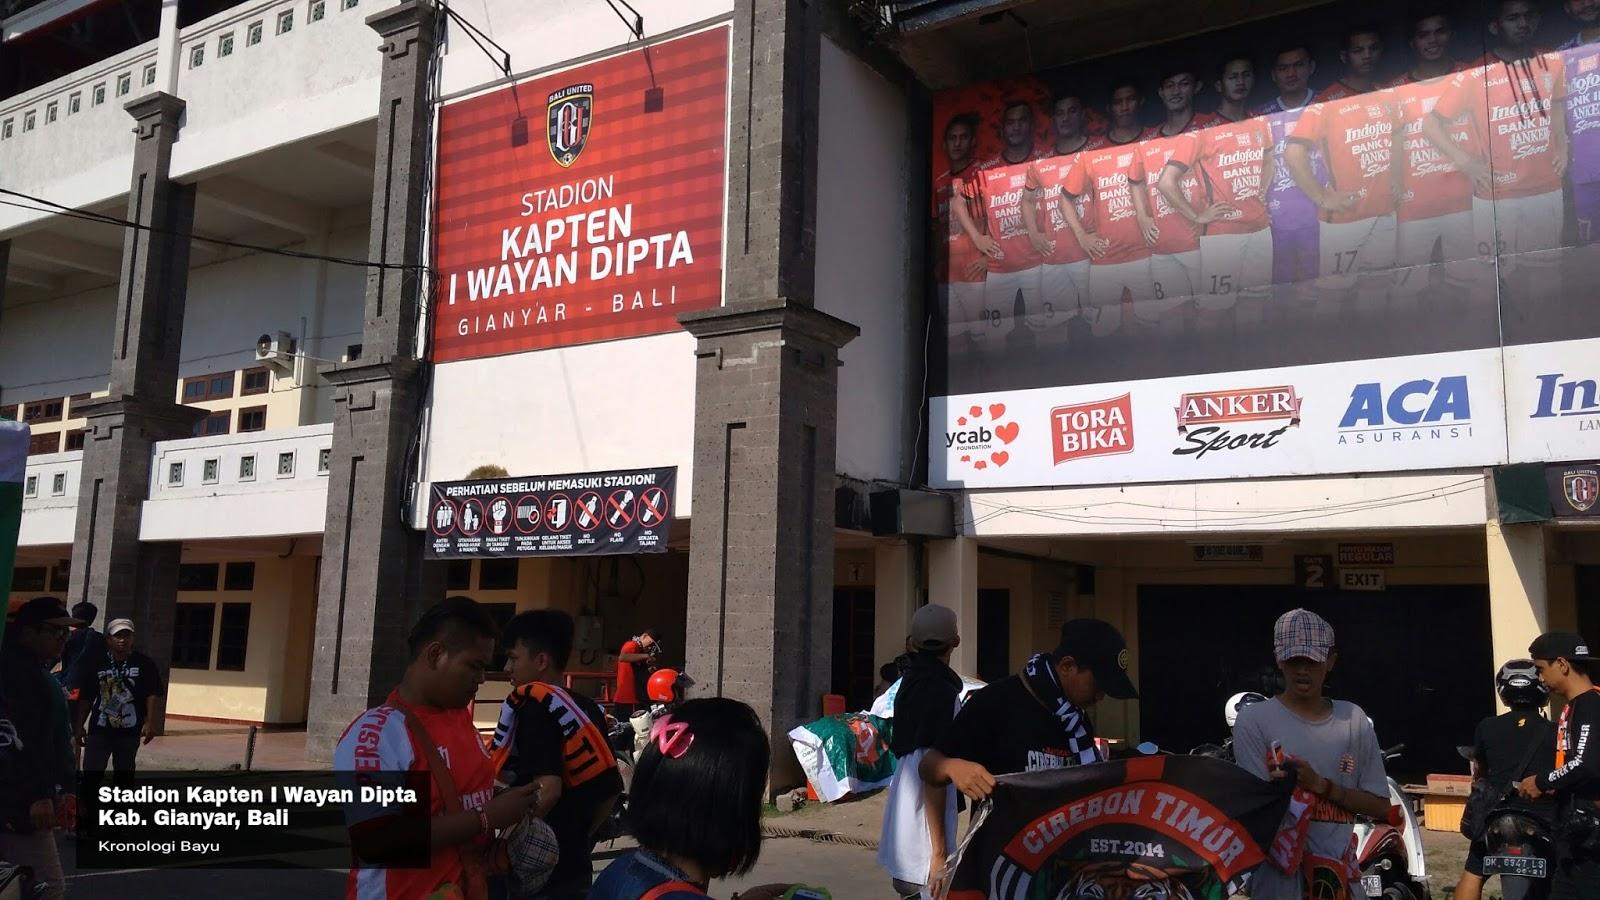 Pengalaman nonton sepakbola langsung di stadion,Nama stadion Bali United, Stadion I Wayan Dipta Gianyar, Foto stadion Bali united Kapten Dipta, foto stadion kapten i wayan dipta bali united